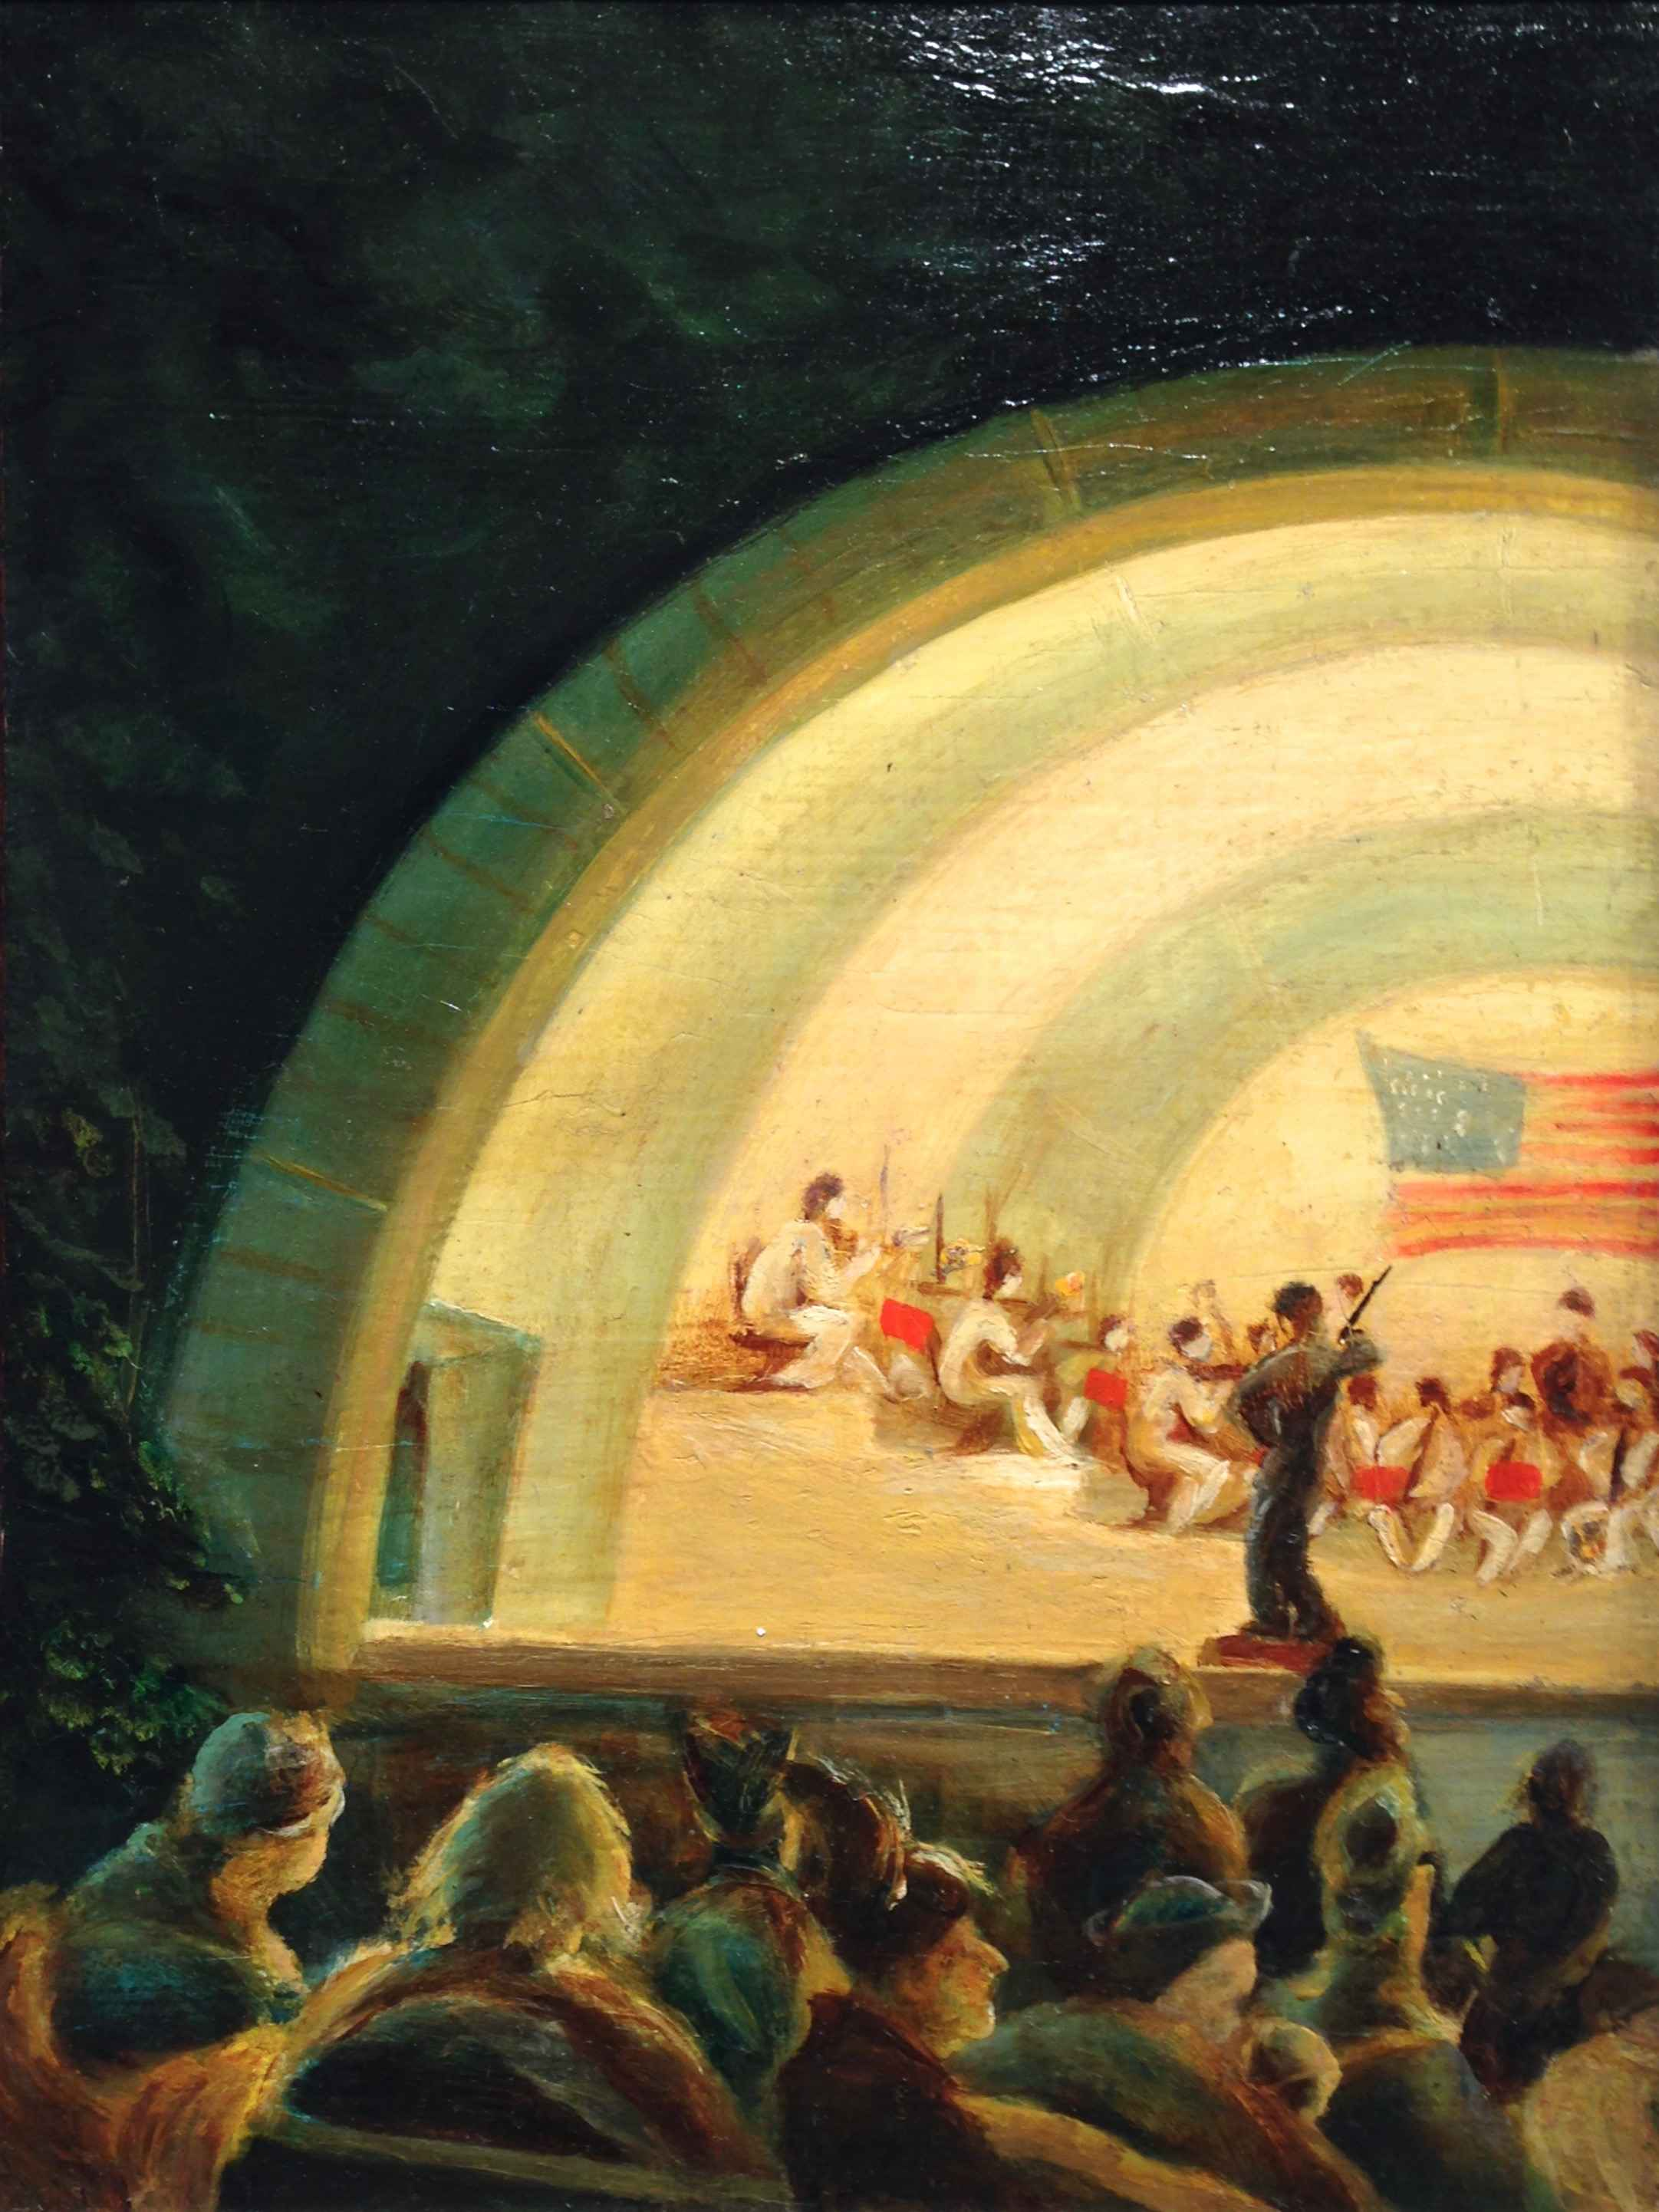 Washington Park Conce... by Mr. Gerrit Sinclair - Masterpiece Online